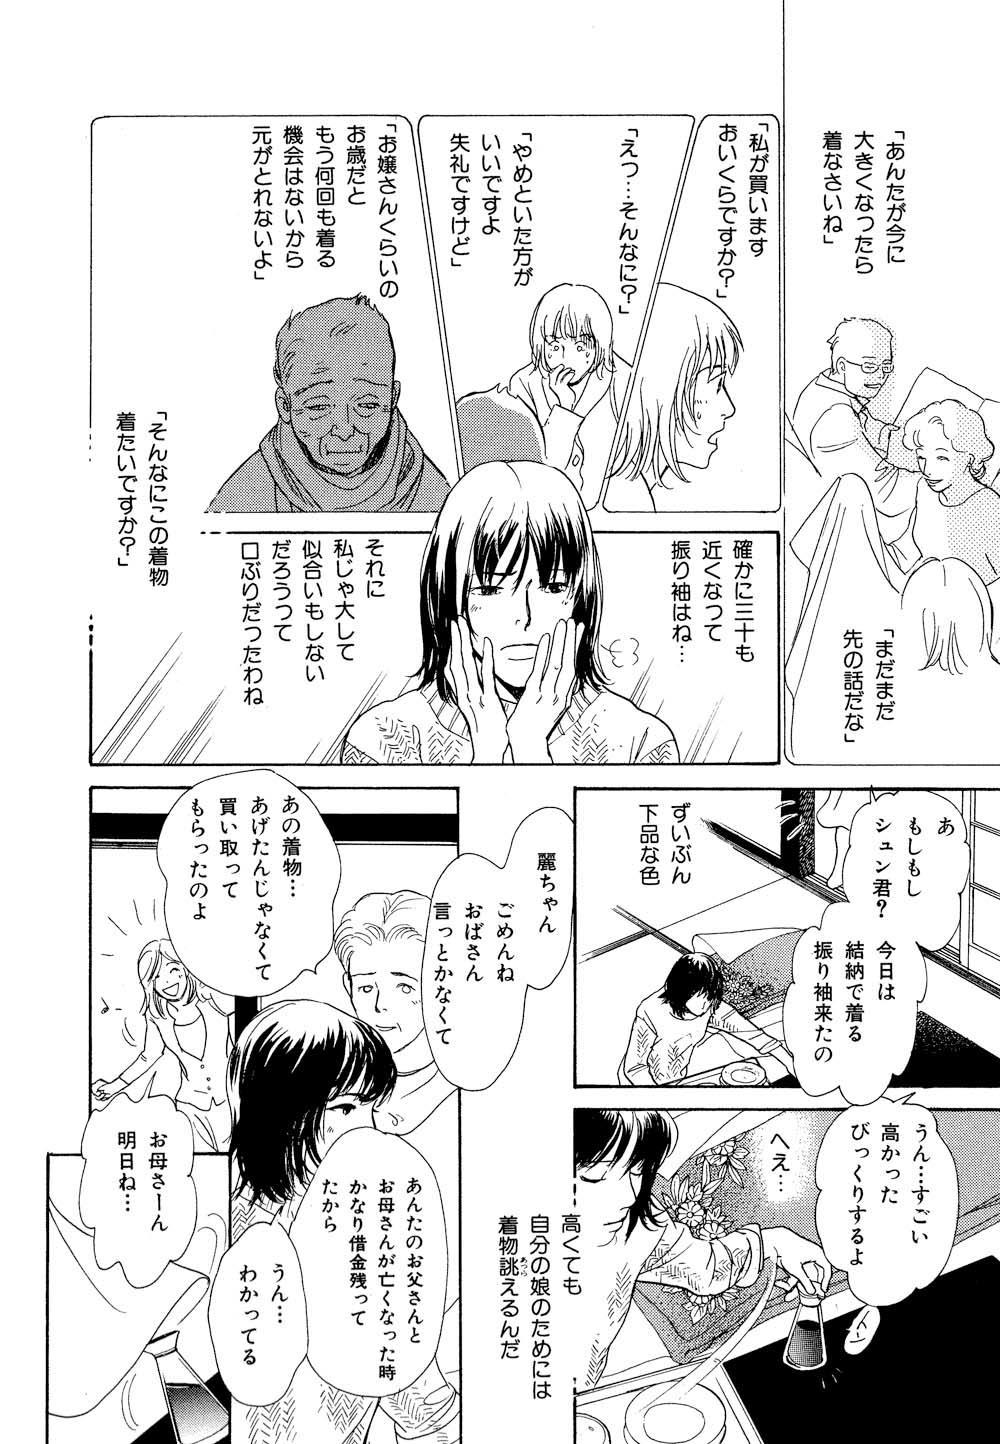 百鬼夜行抄_13_0080.jpg